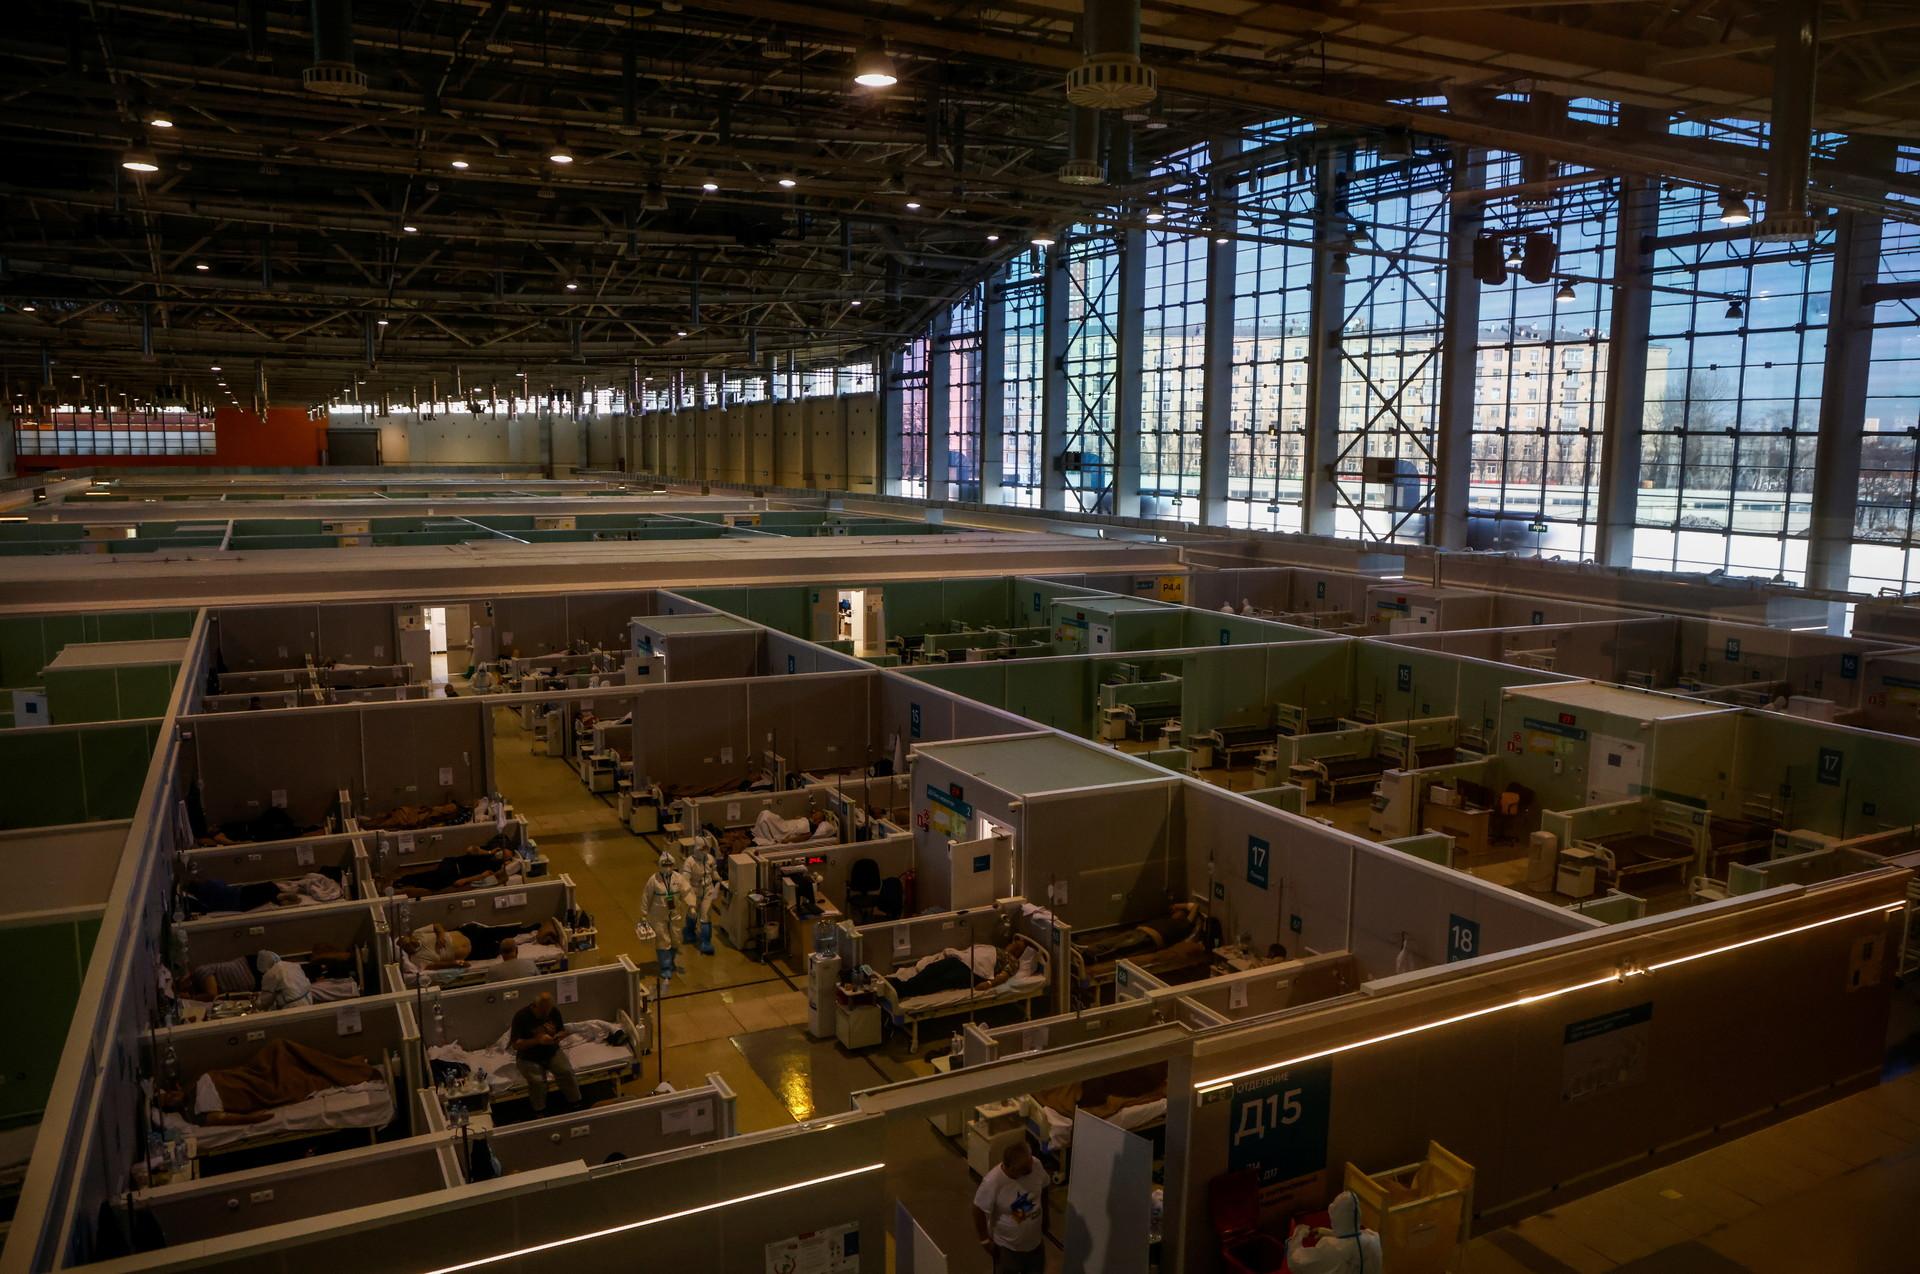 Uno degli ospedali temporanei allestiti a Mosca per l'emergenza covid